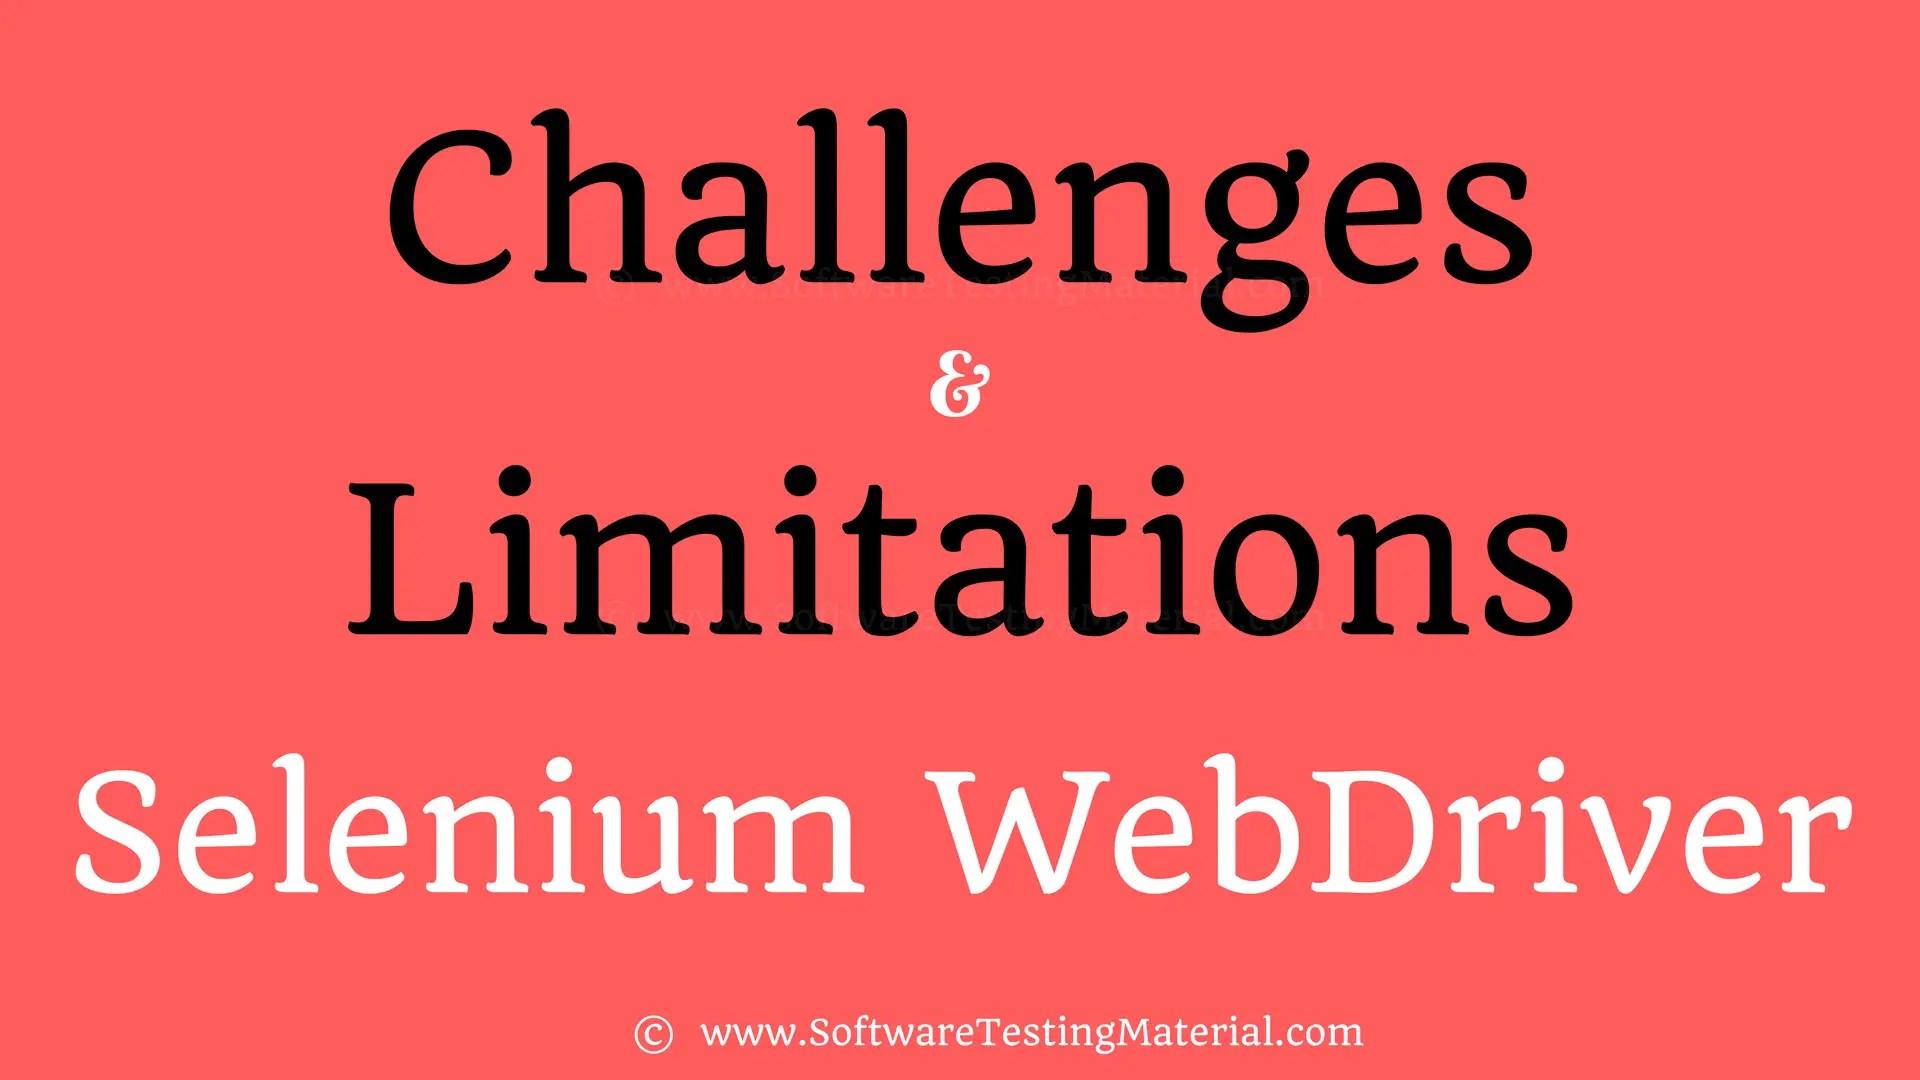 Challenges Limitations Selenium WebDriver